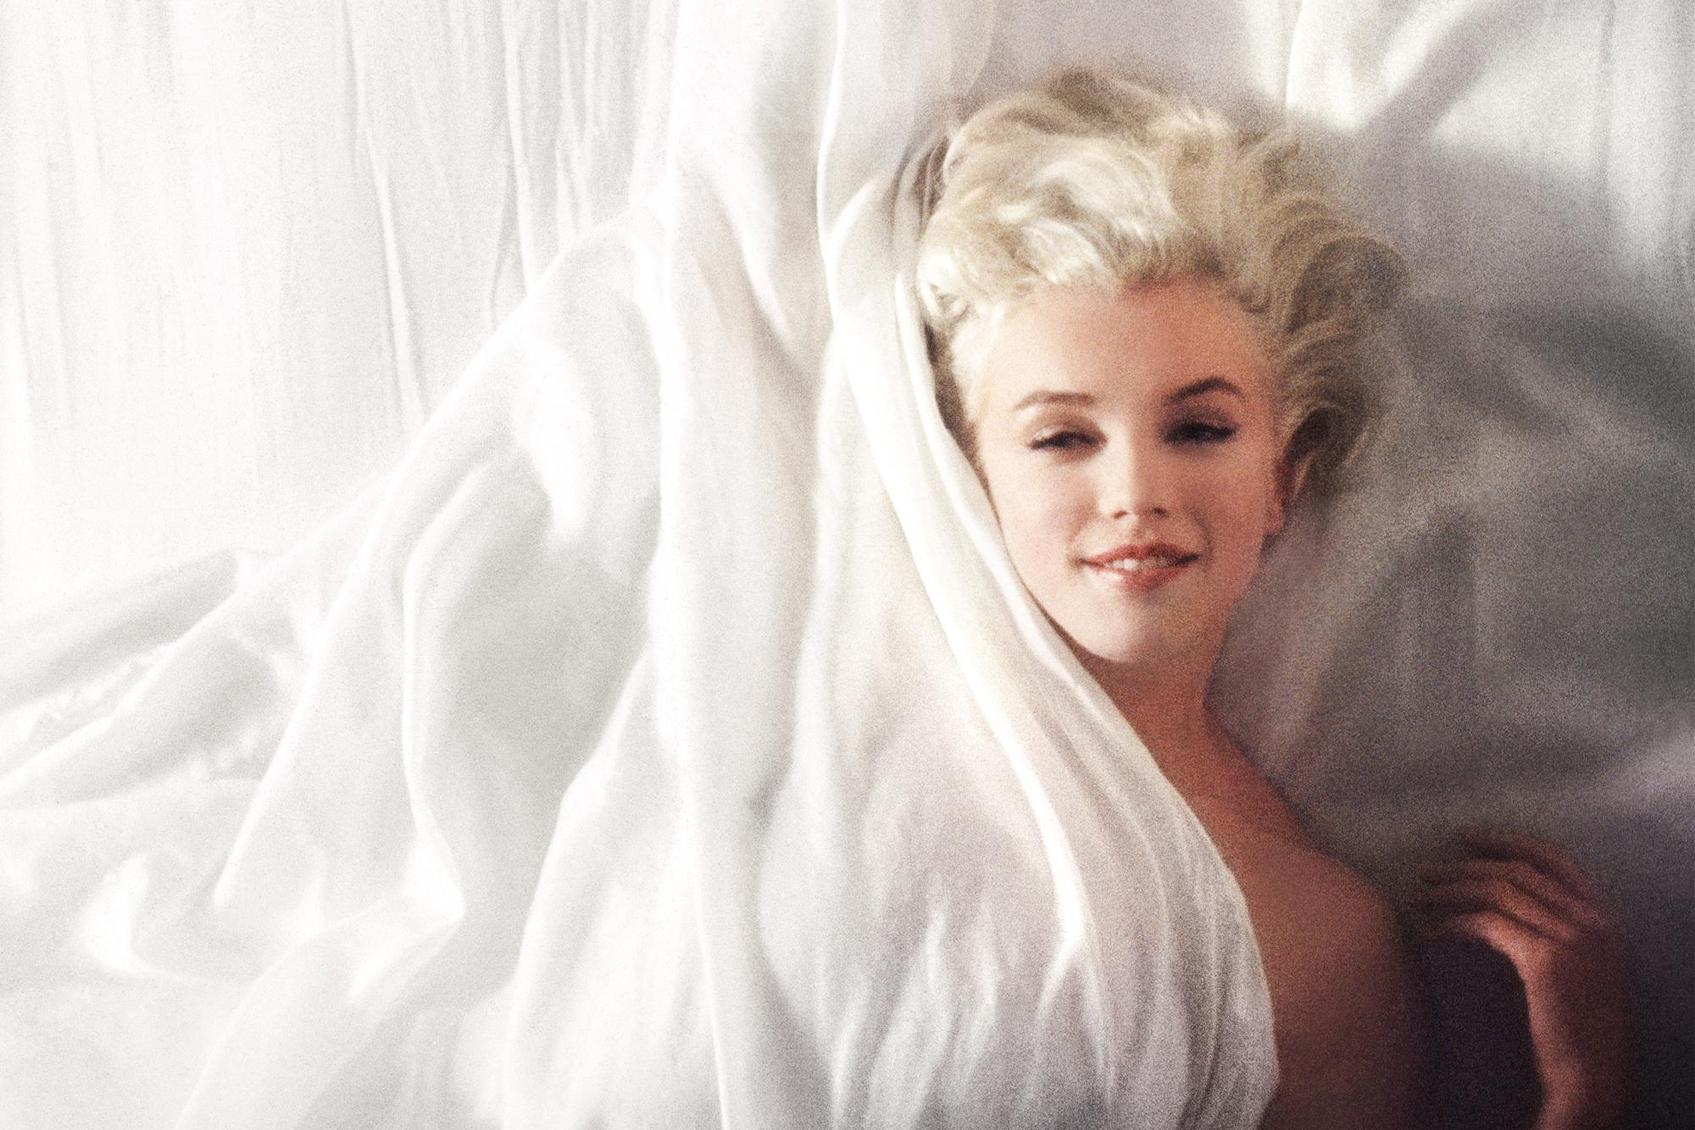 Kuva on otettu suoraan ylhäältä. Marilyn Monroe makaa alasti valkoisten lakanoiden alla pehmeässä sivuvalossa.